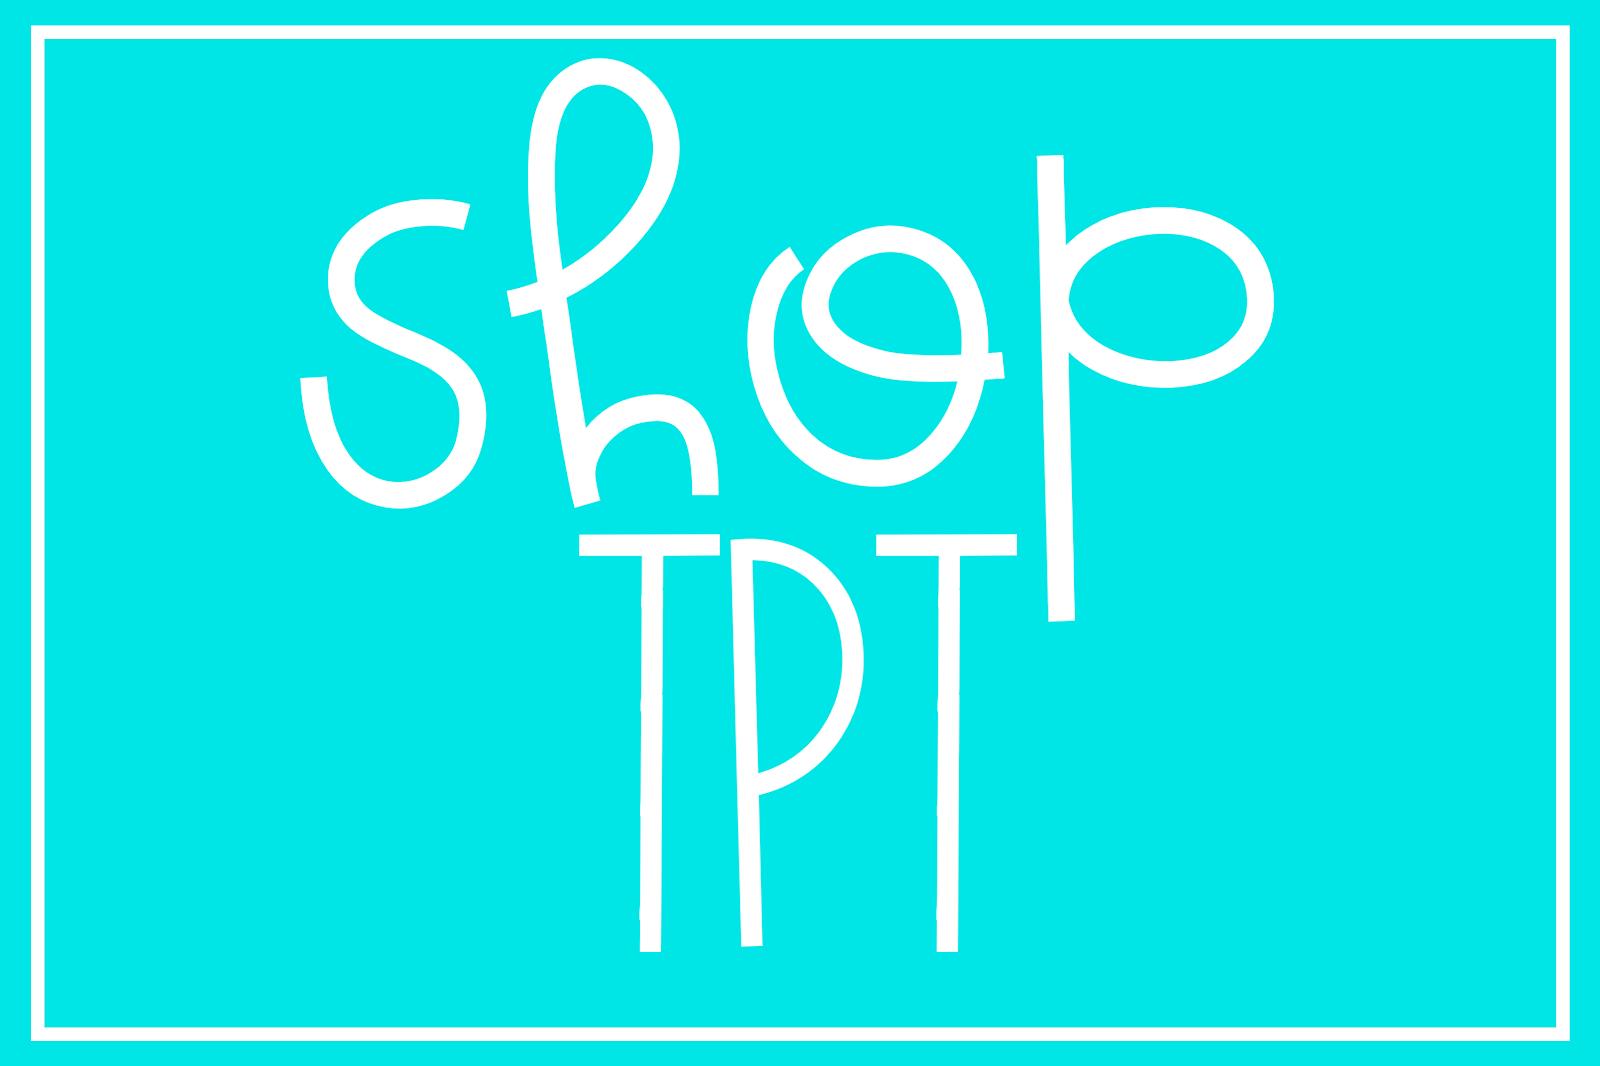 Shop TPT